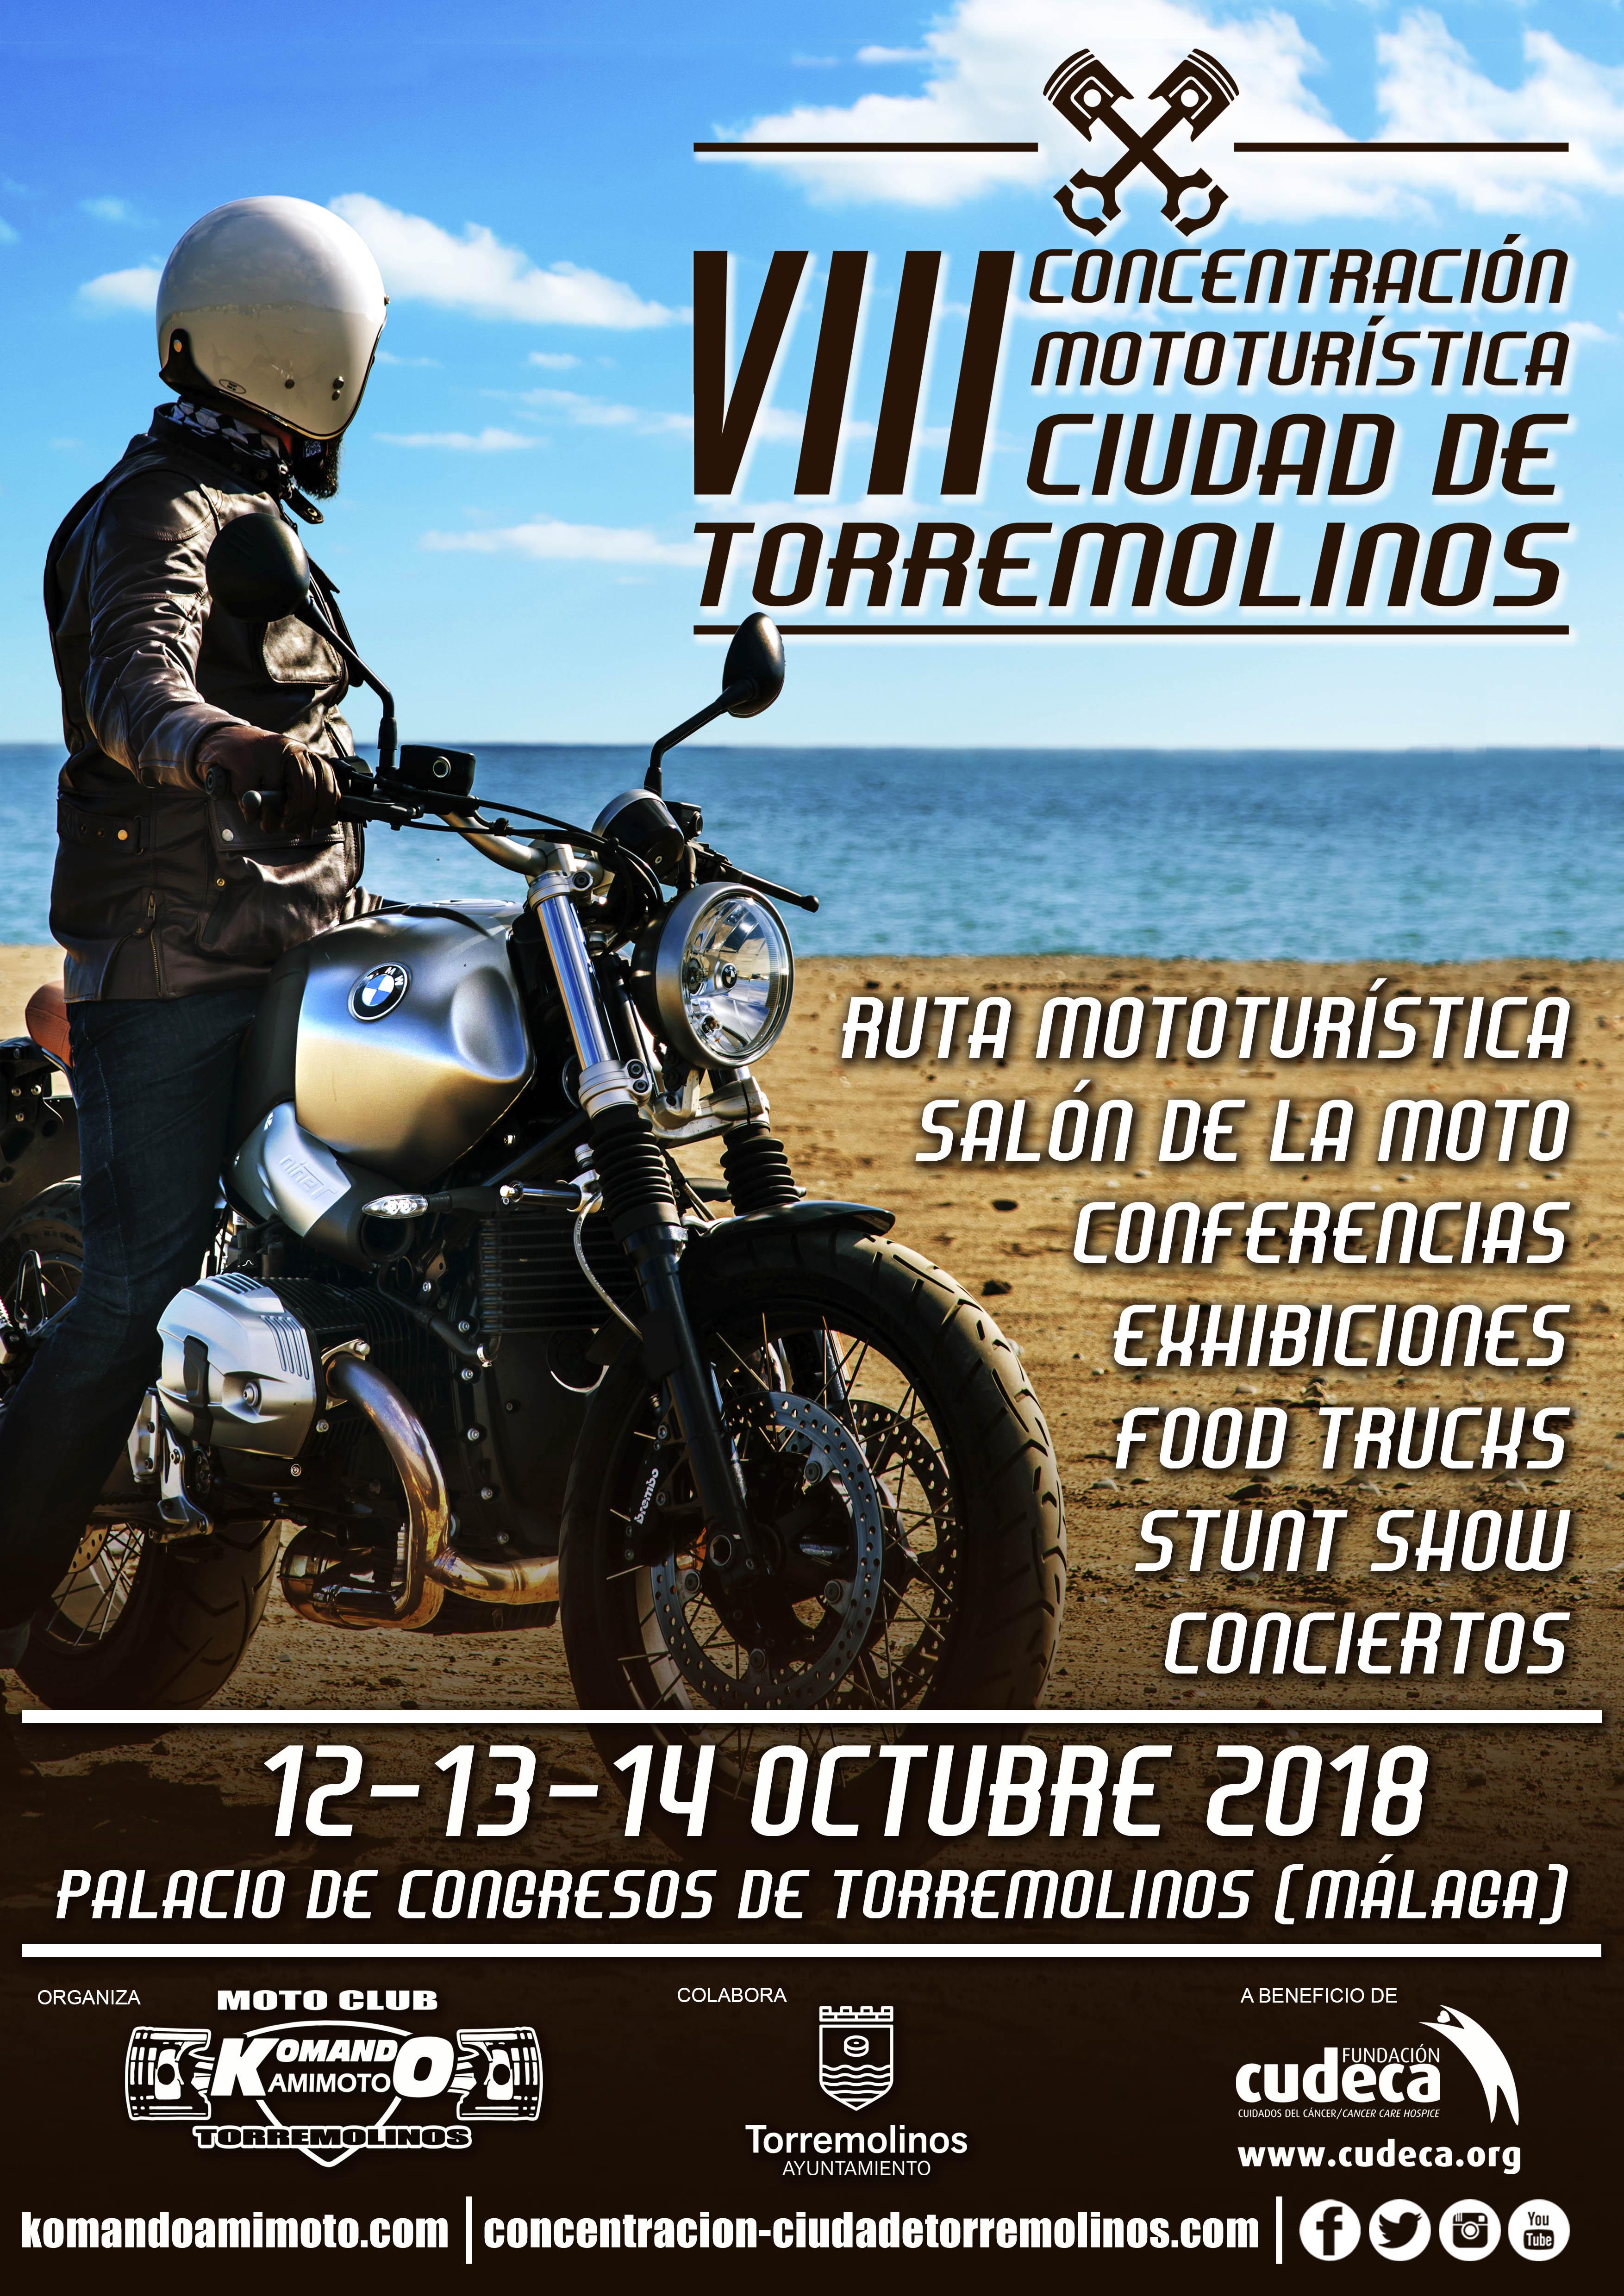 VIII Concentración Mototuristica Ciudad de Torremolinos a beneficio de CUDECA